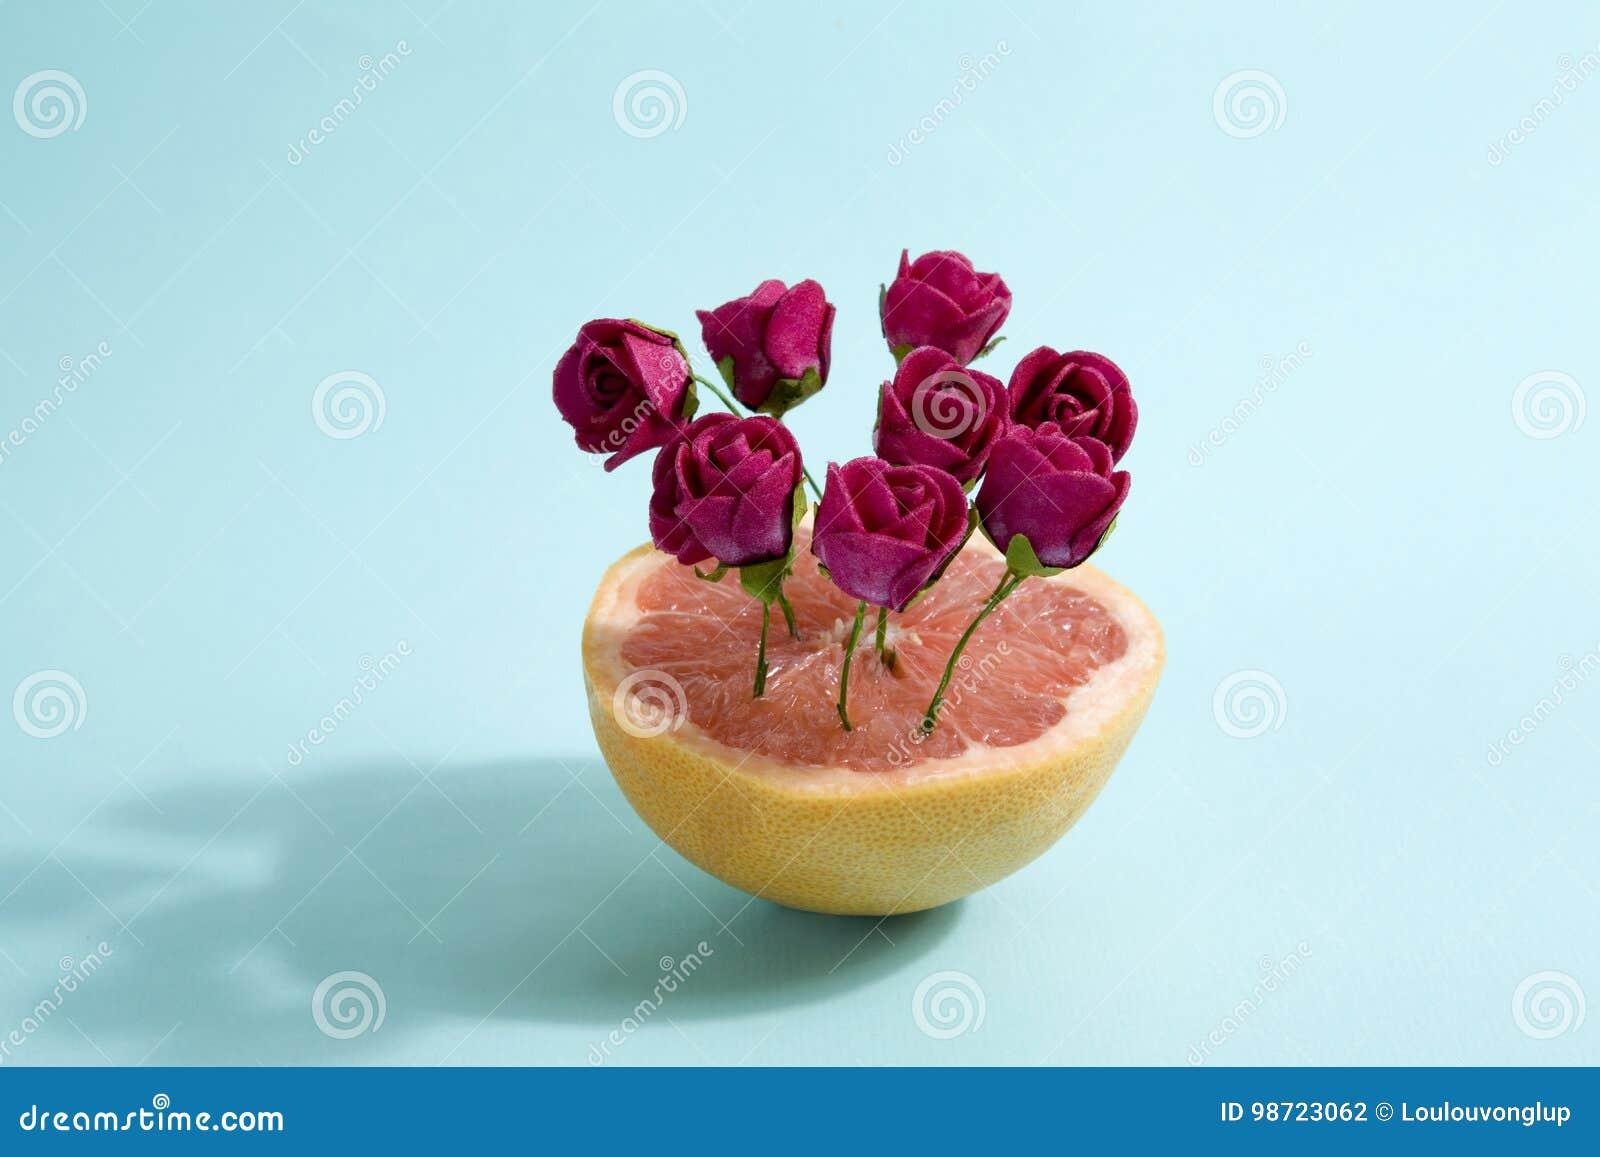 葡萄柚和英国兰开斯特家族族徽